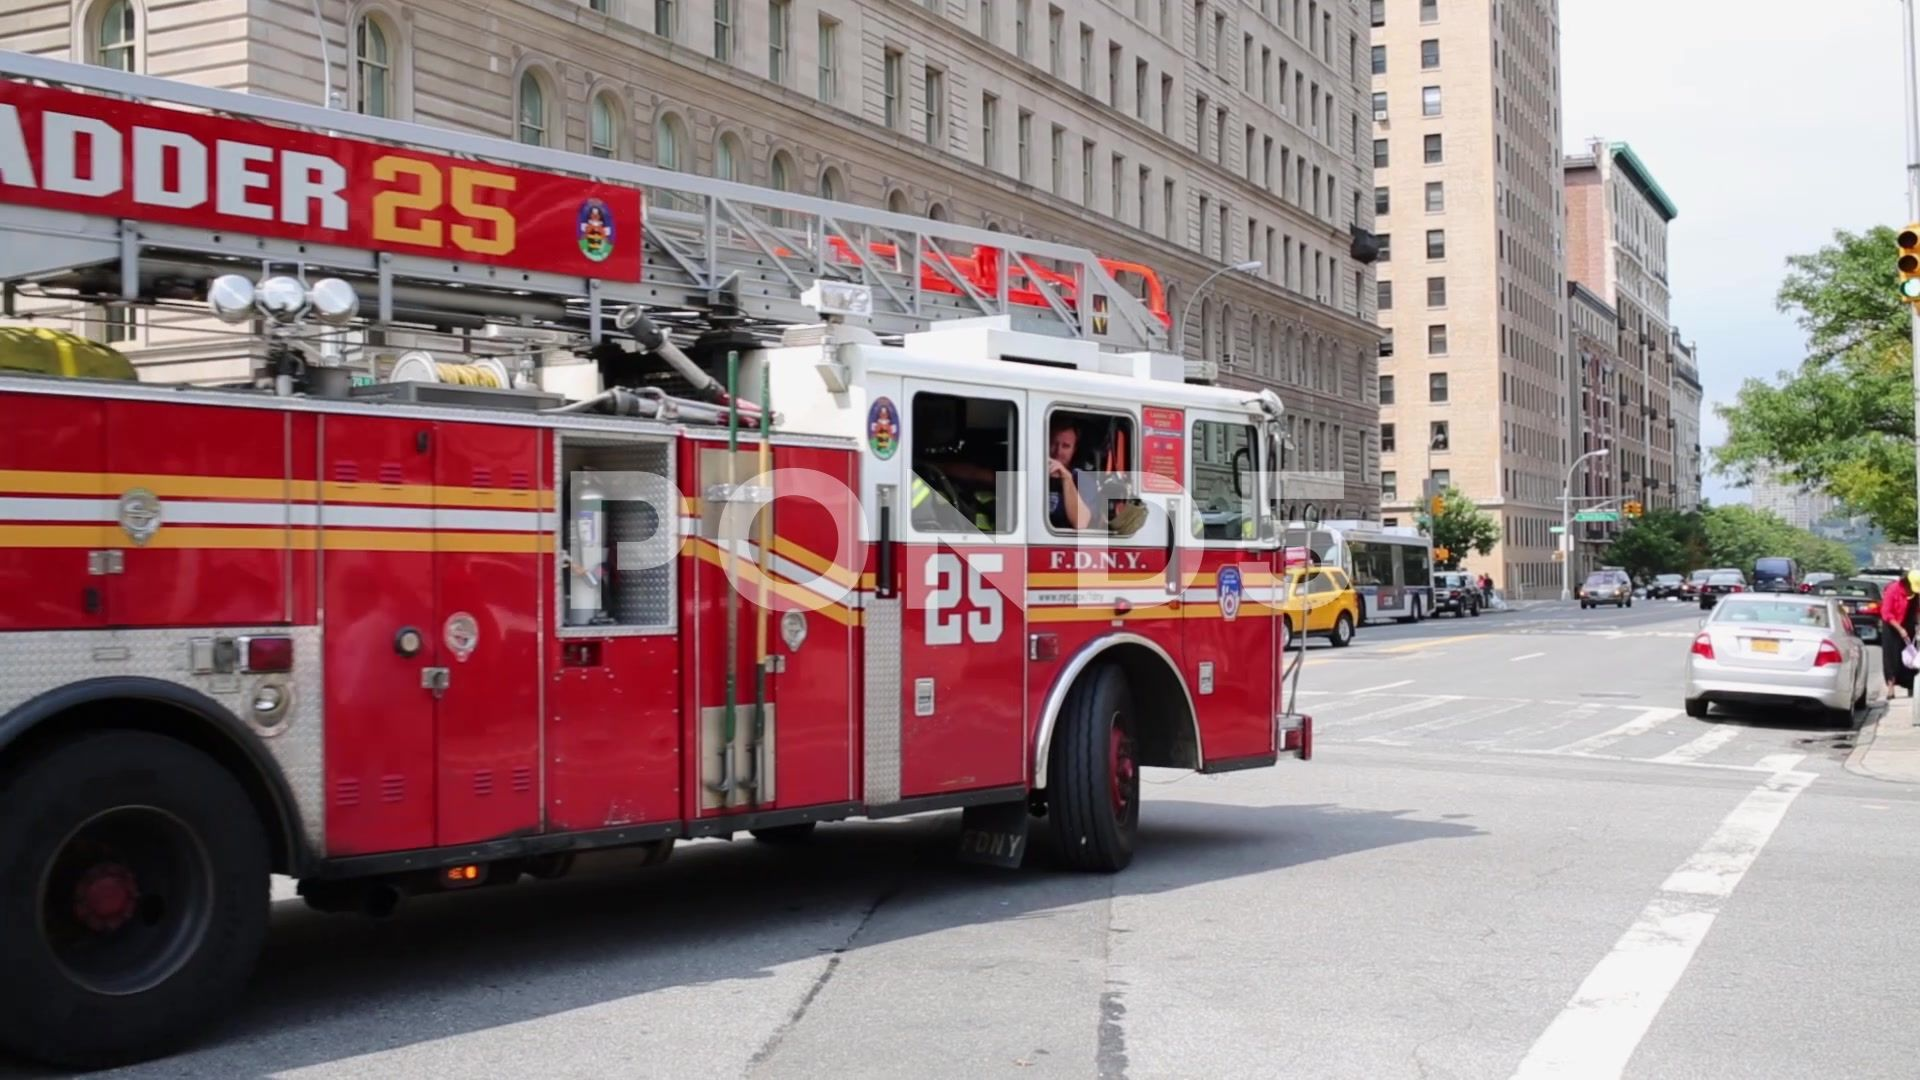 Ladder Truck Of Fire Department Of New York Stock Footage Fire Truck Ladder Department Fire Department Trucks Fire